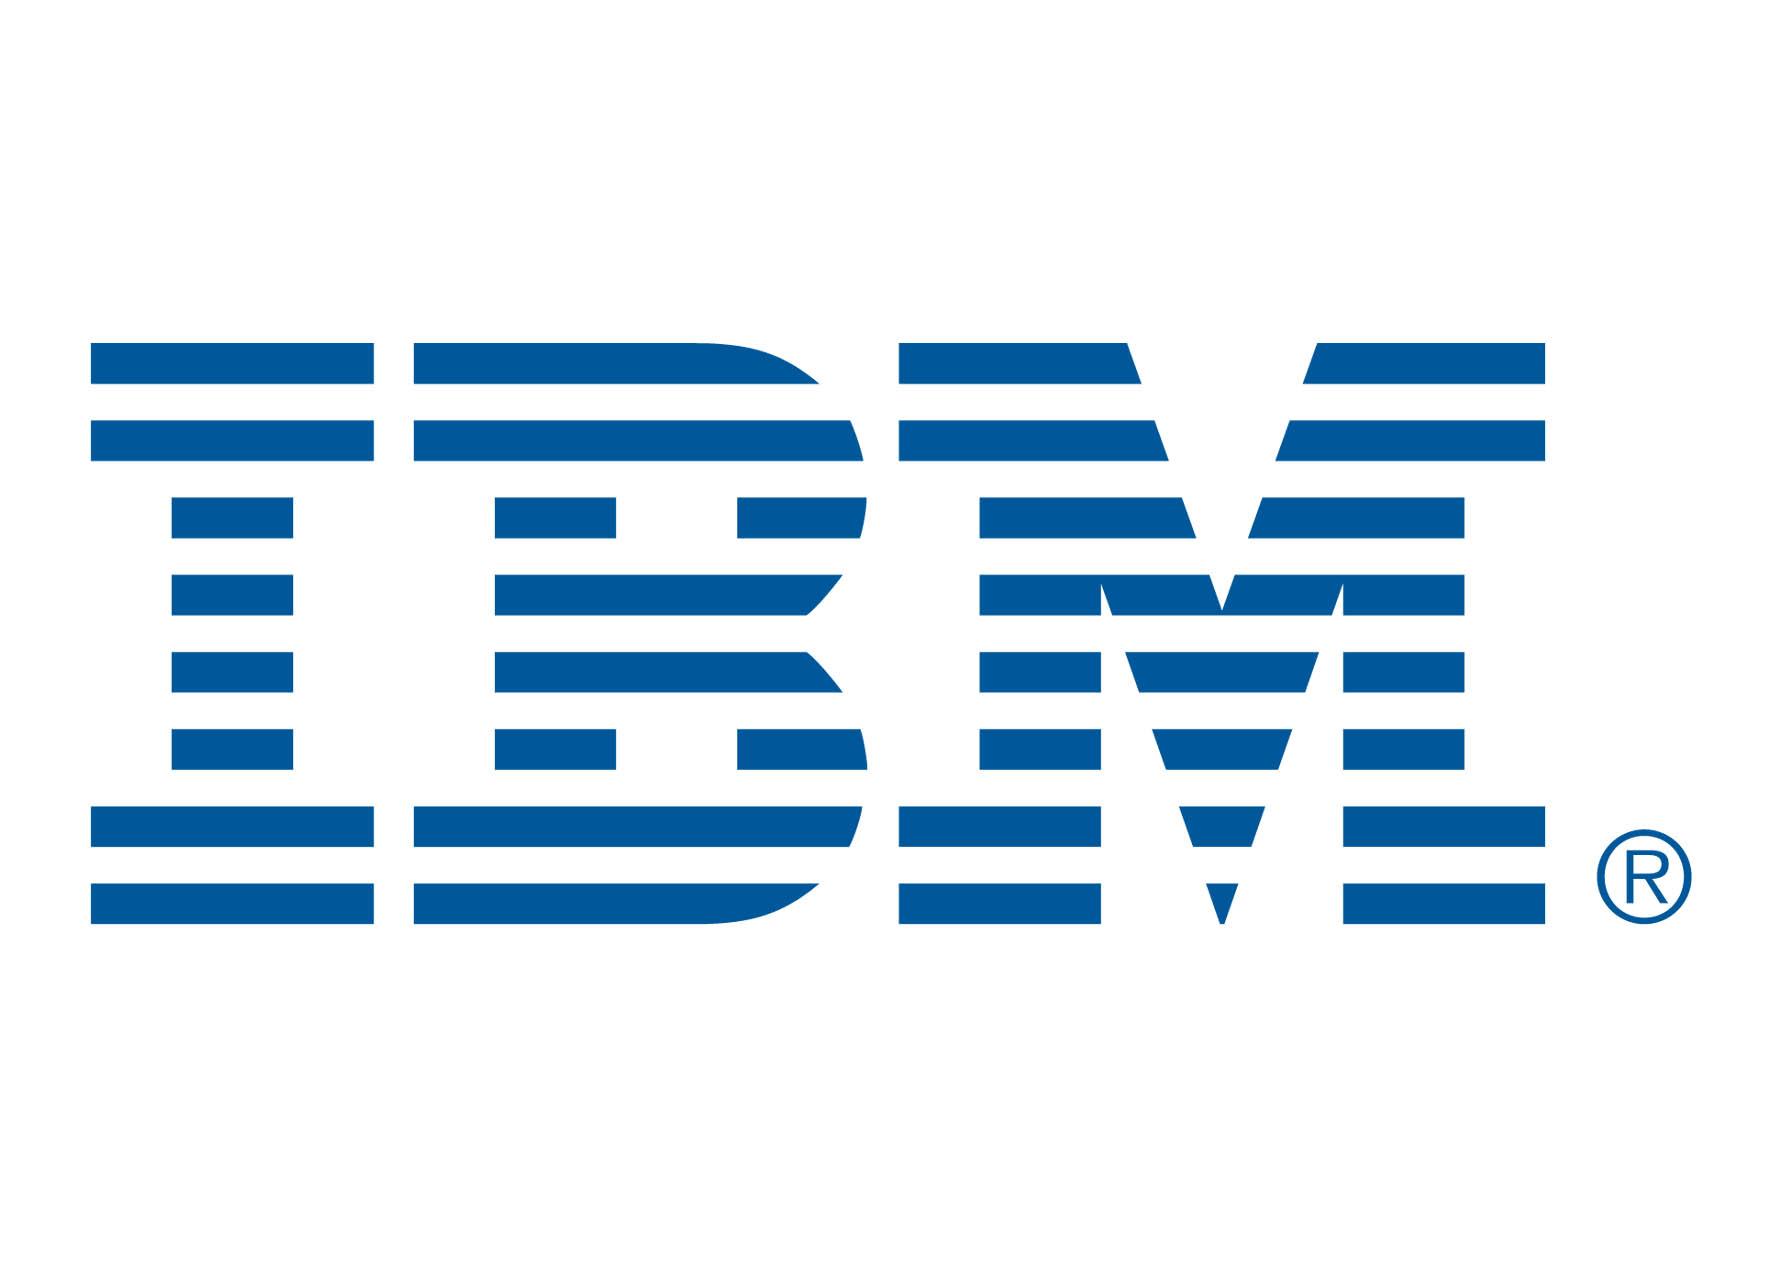 IBM Wave Analysis – 14 May, 2020